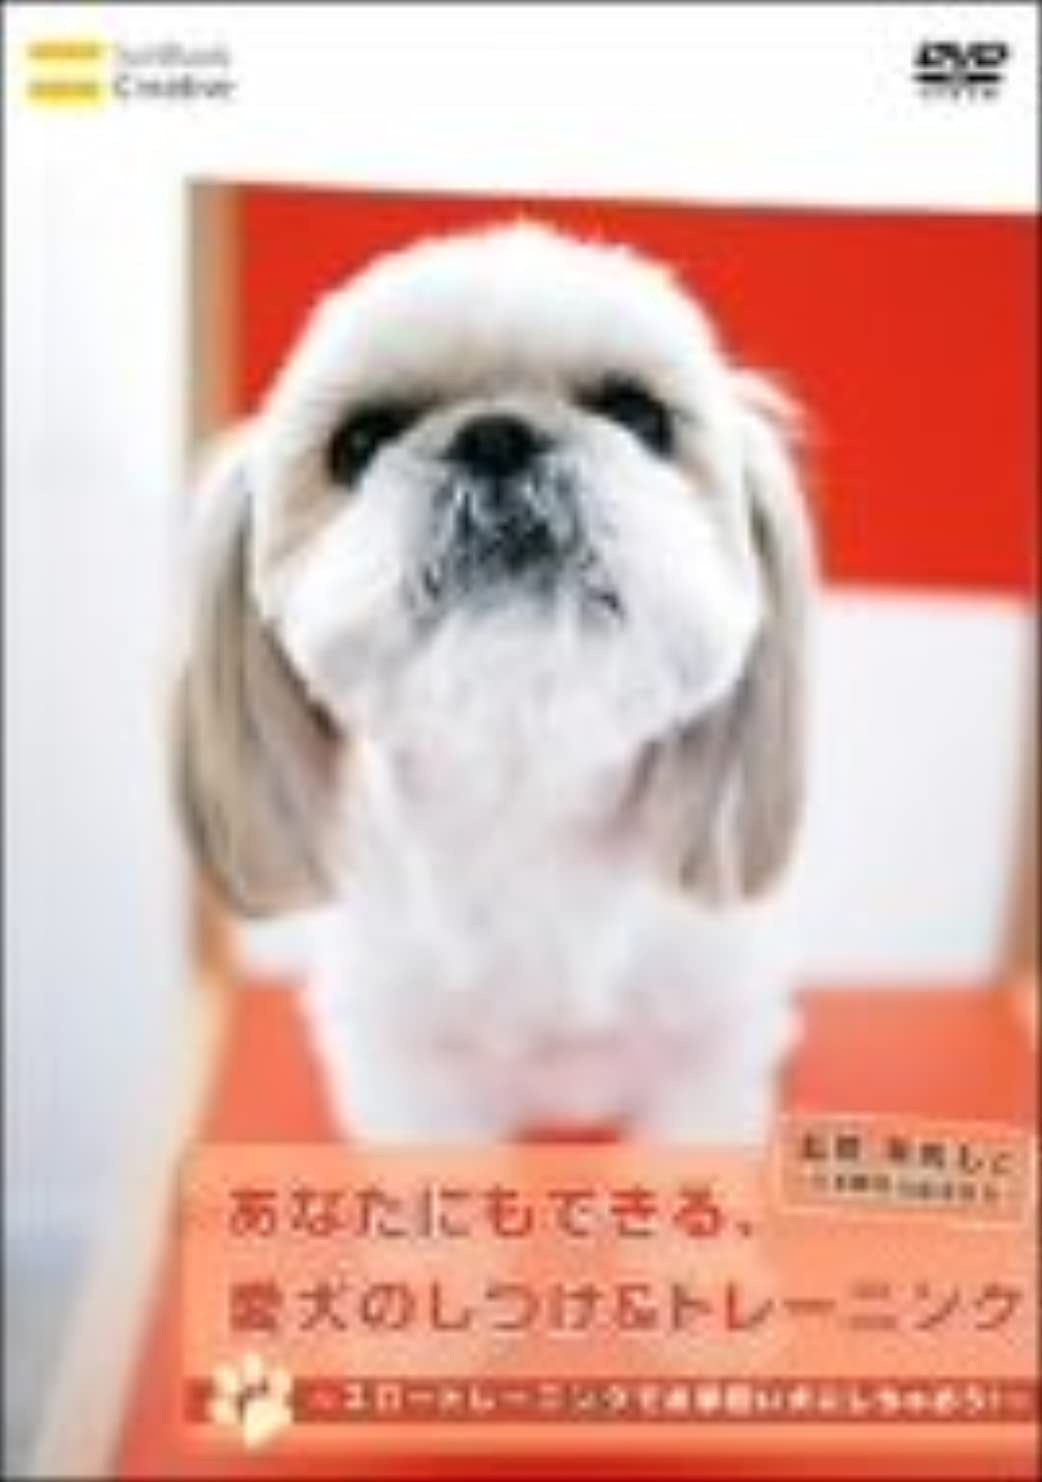 中に考慮シャベルあなたにもできる、愛犬のしつけ&トレーニング スロートレーニングでお手伝い犬にしちゃおう! [DVD]